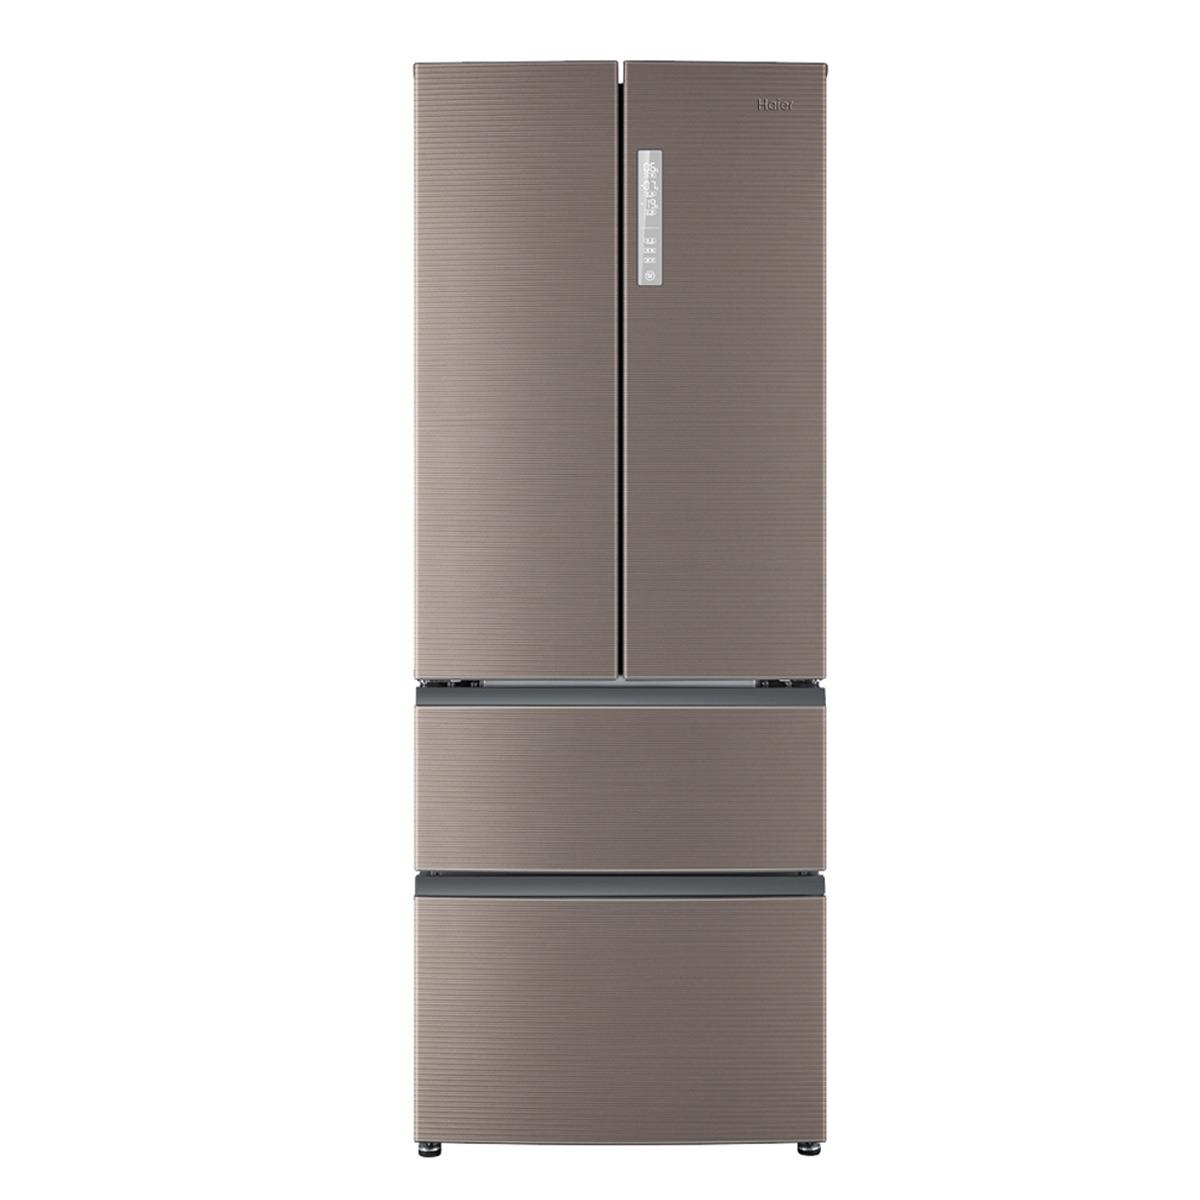 海尔Haier冰箱 BCD-412WDVH 说明书